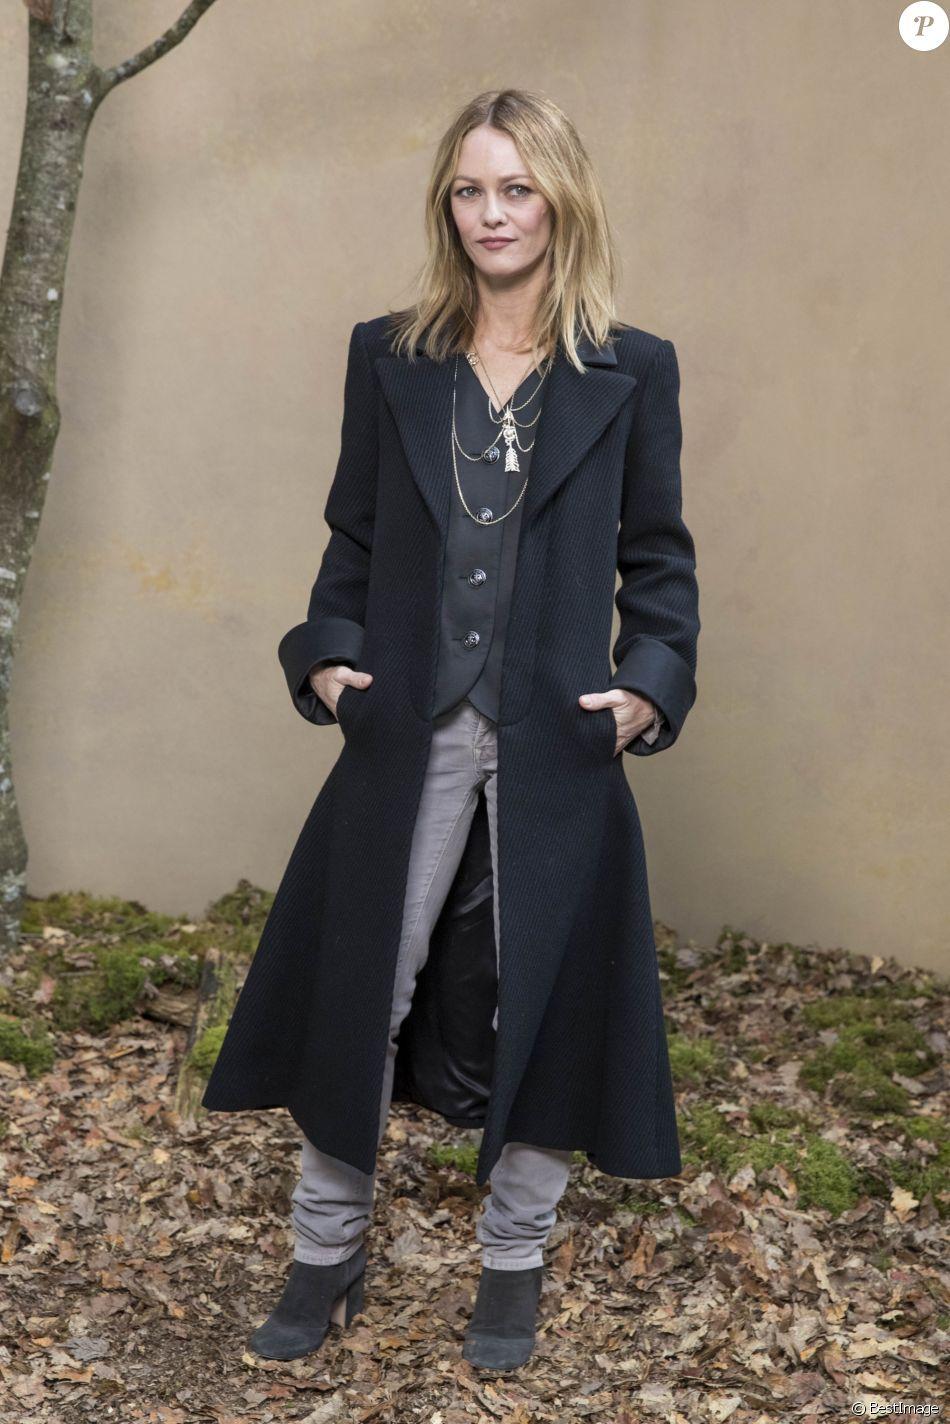 1669b259e2885 Vanessa Paradis - Défilé de mode automne-hiver 2018 2019  quot Chanel quot